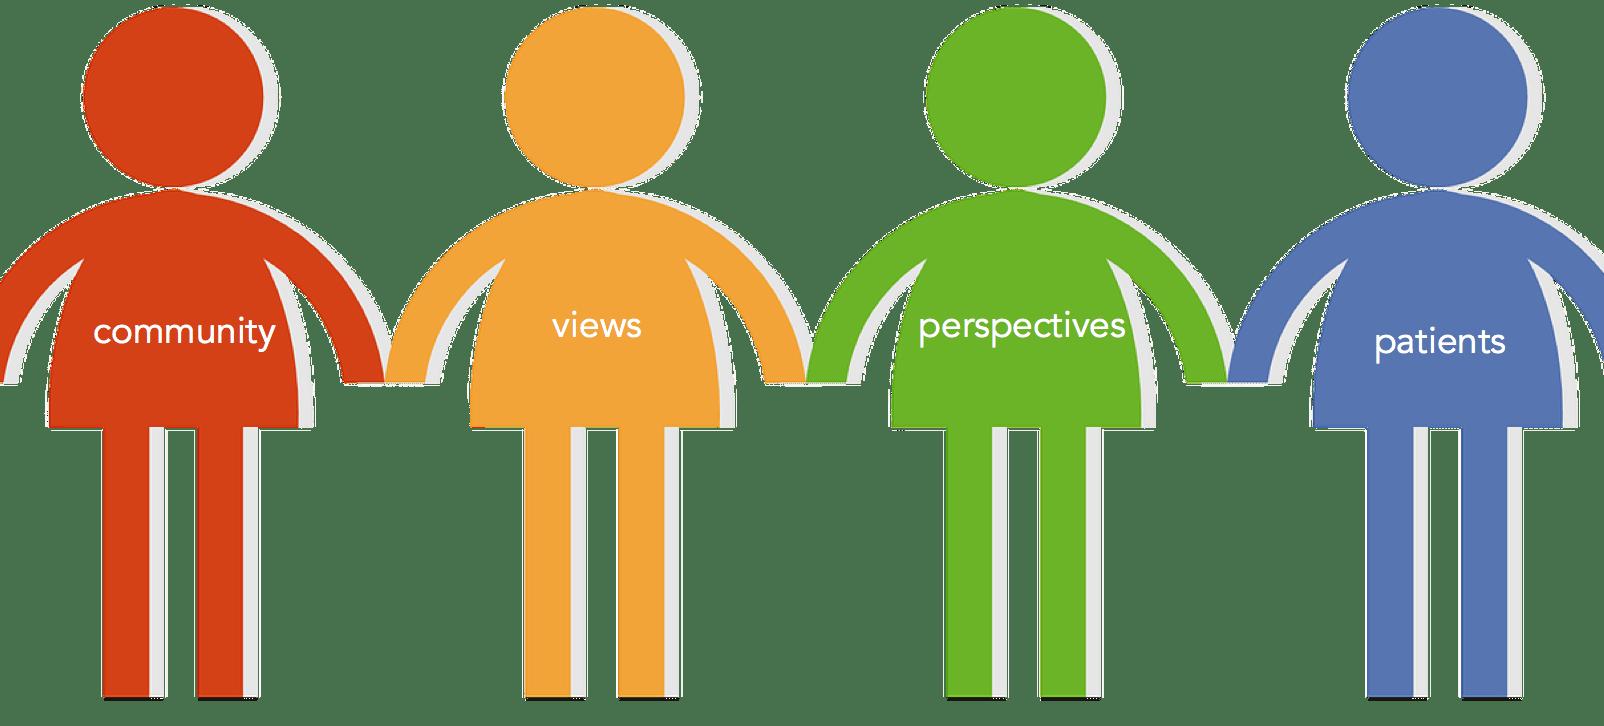 Diagnosing pituitary disease views. Patient clipart surgery patient